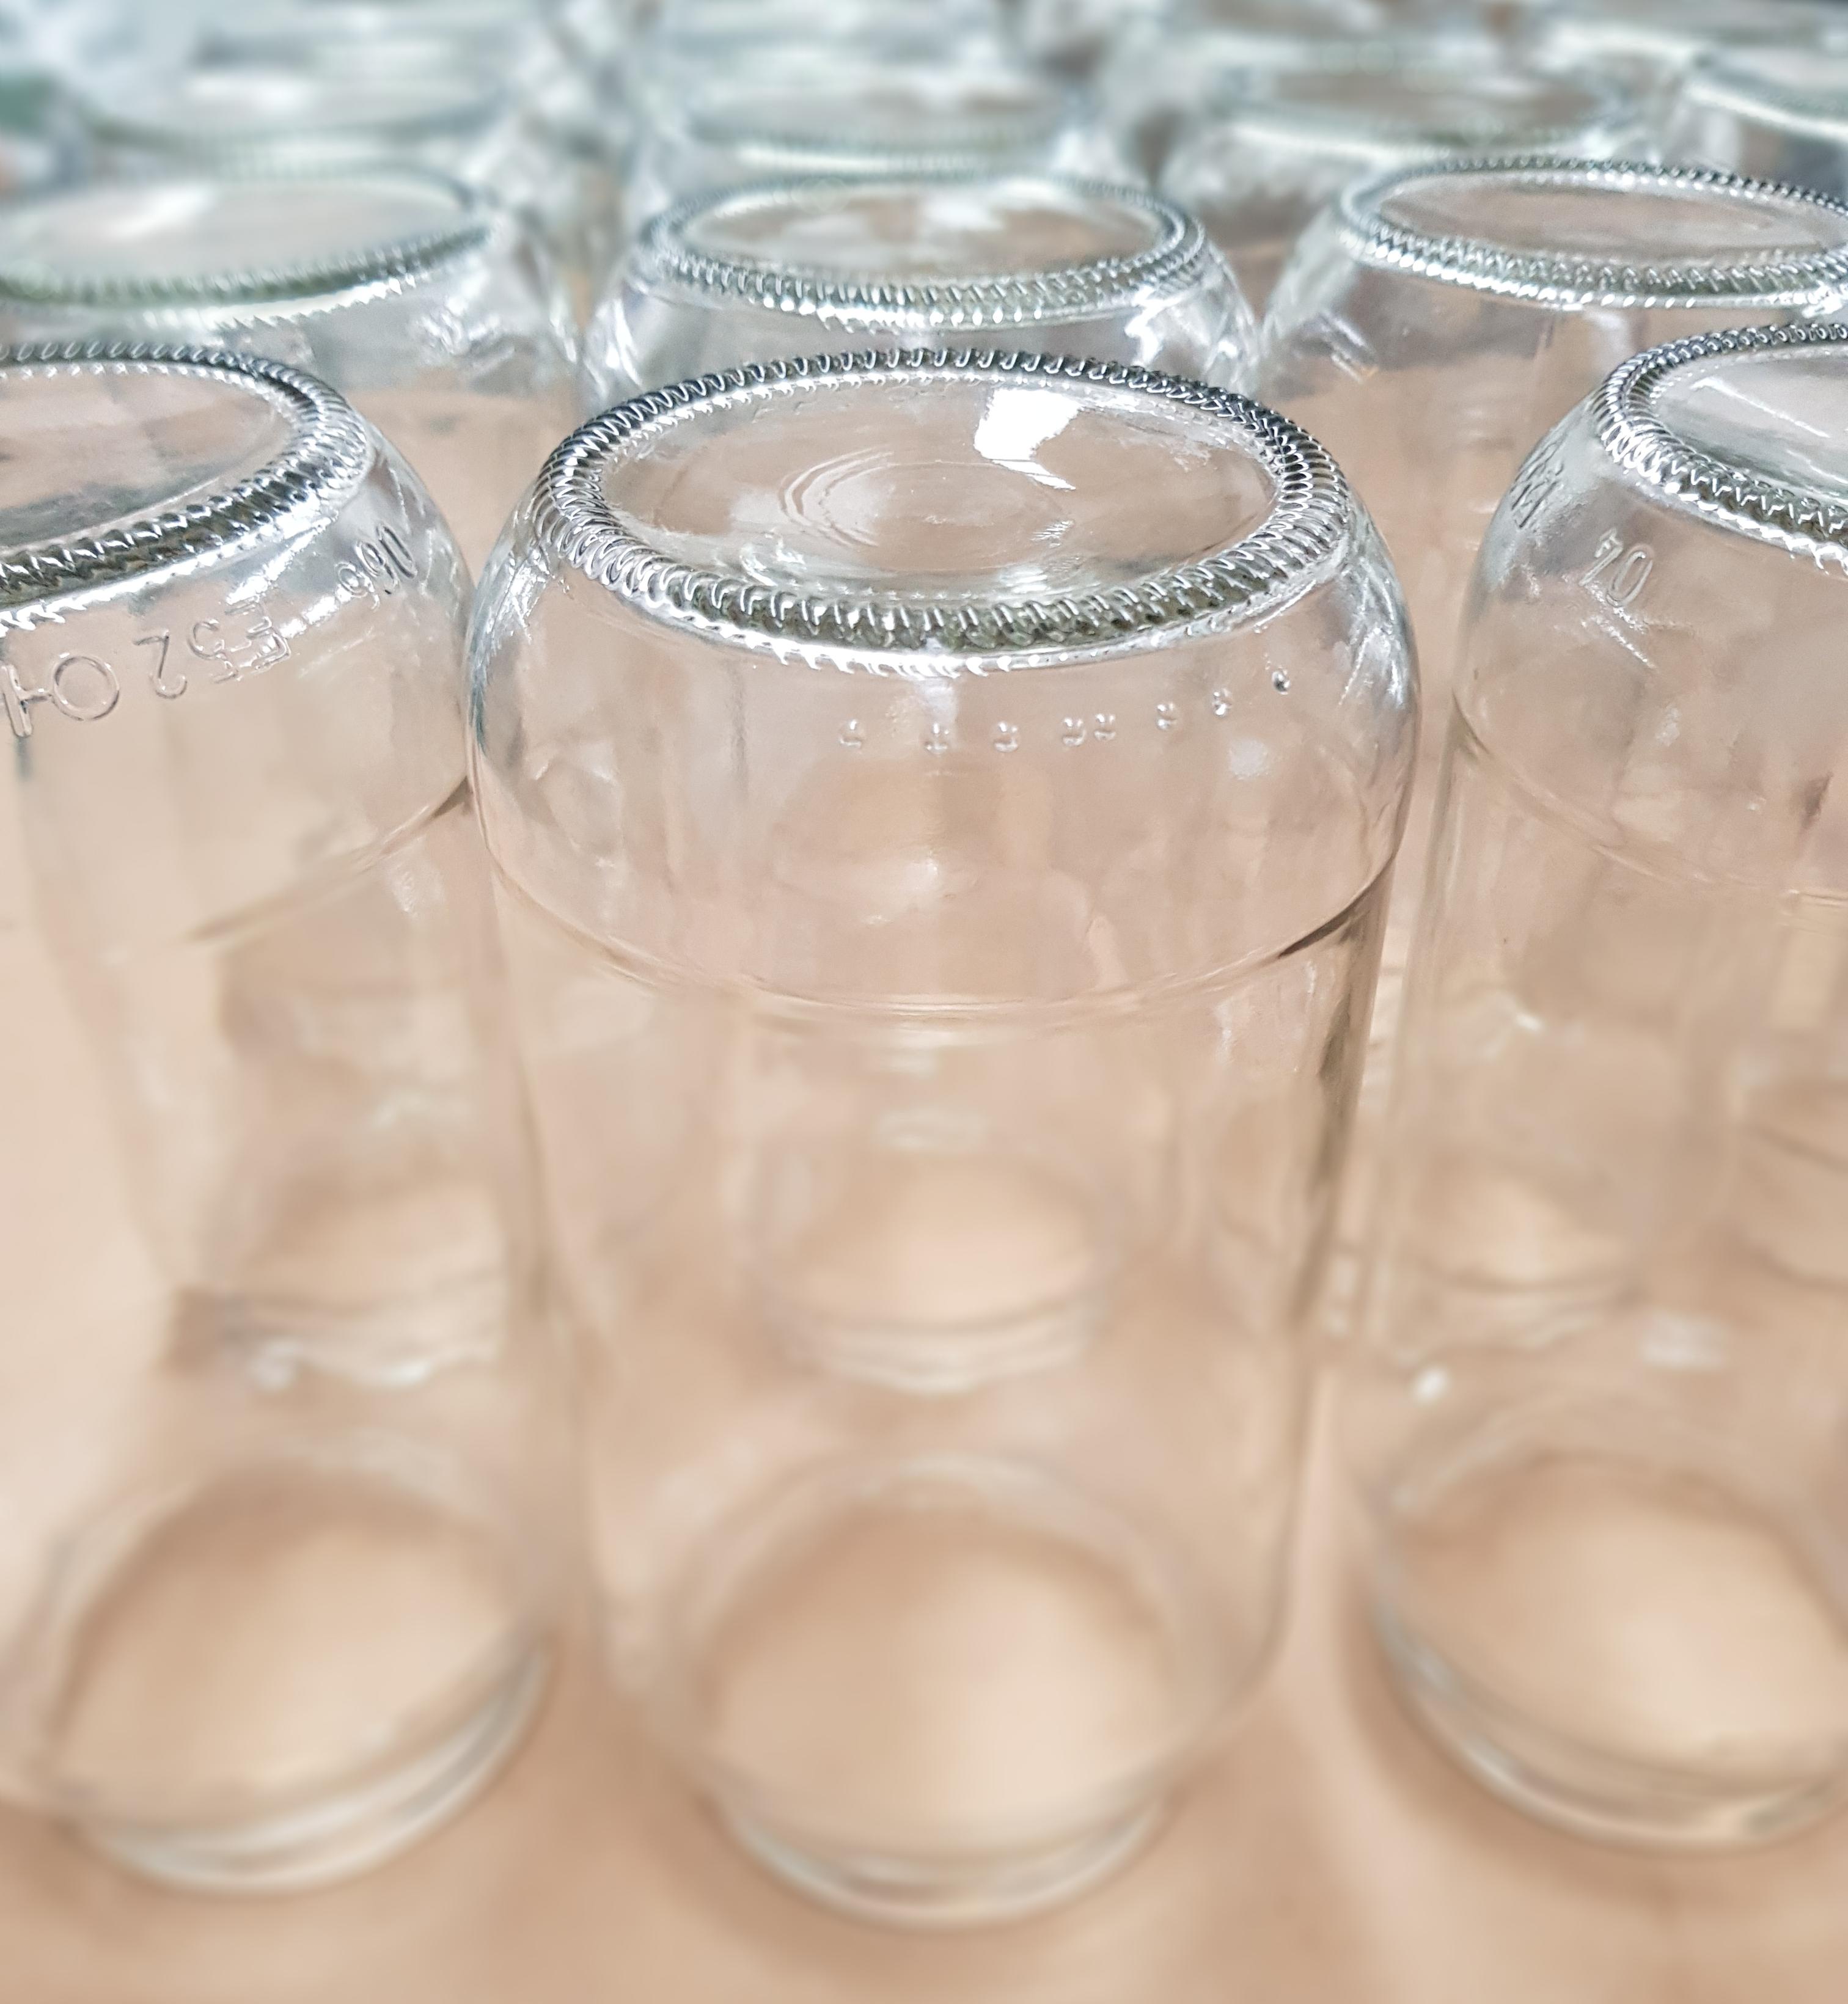 Envasos saludables